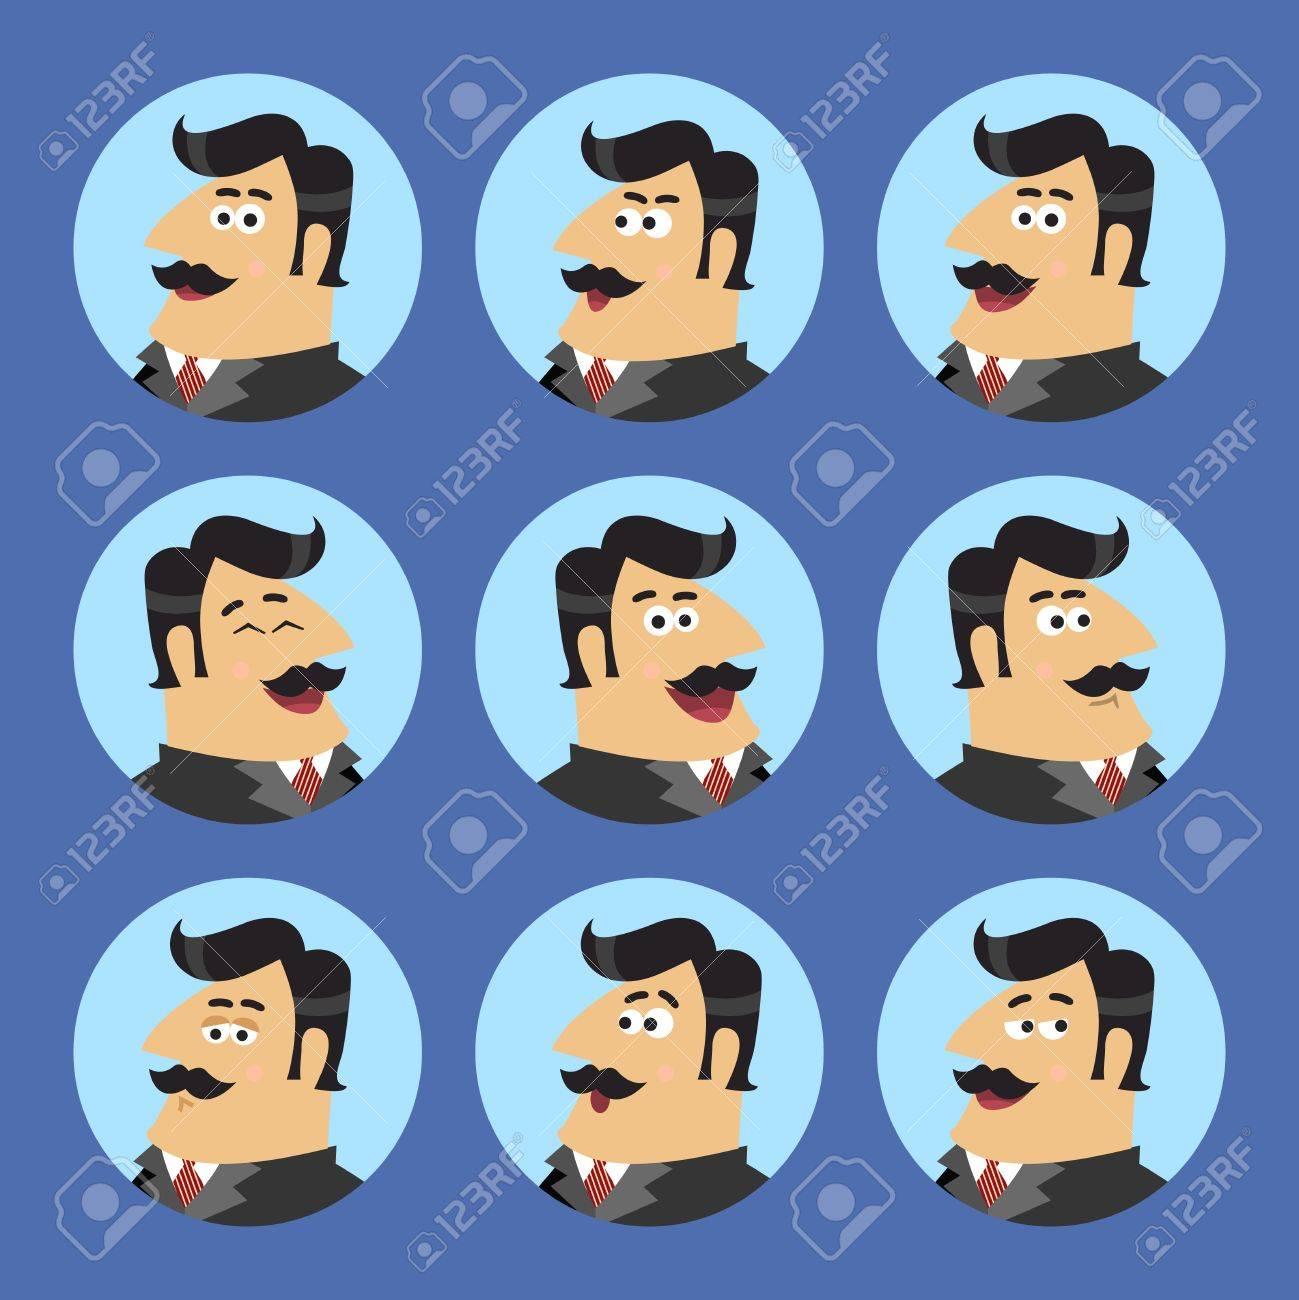 Zakenleven Aandeelhouder In Pak Emotionele Uitdrukkingen Iconen Set Geïsoleerde Scene Begrip Vector Illustratie